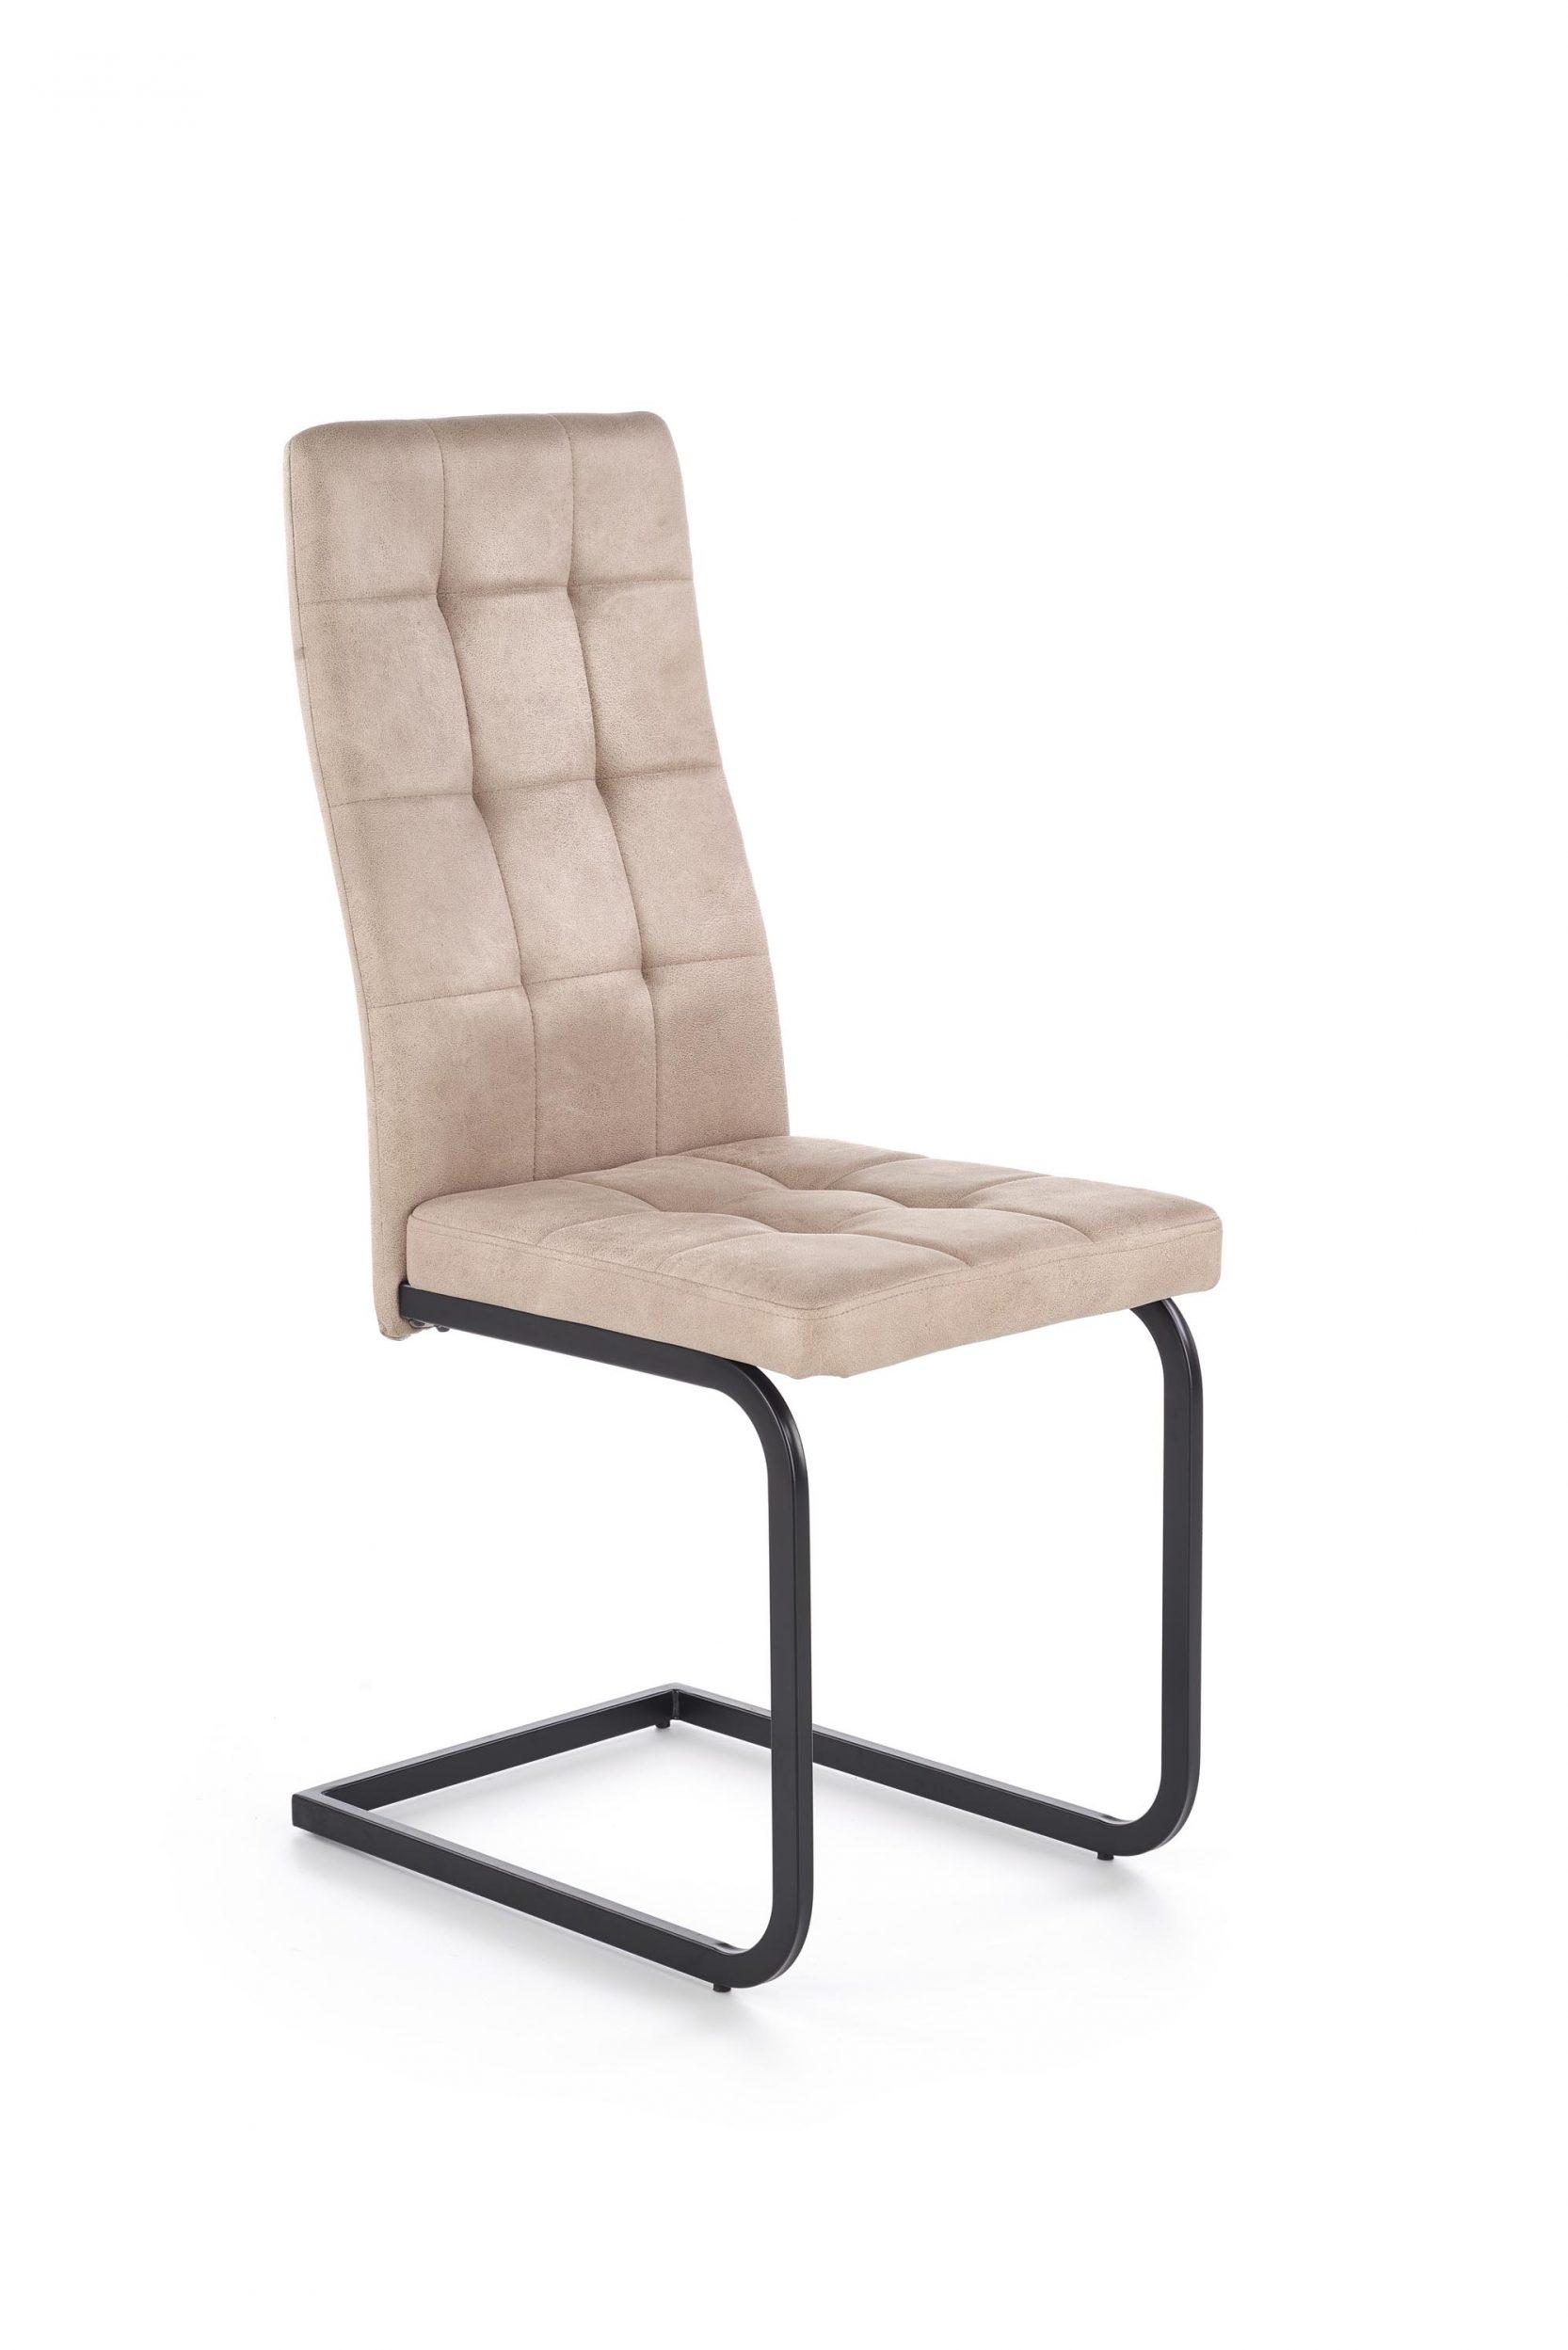 Scaun tapitat cu piele ecologica, cu picioare metalice K310 Bej, l42xA57xH100 cm imagine